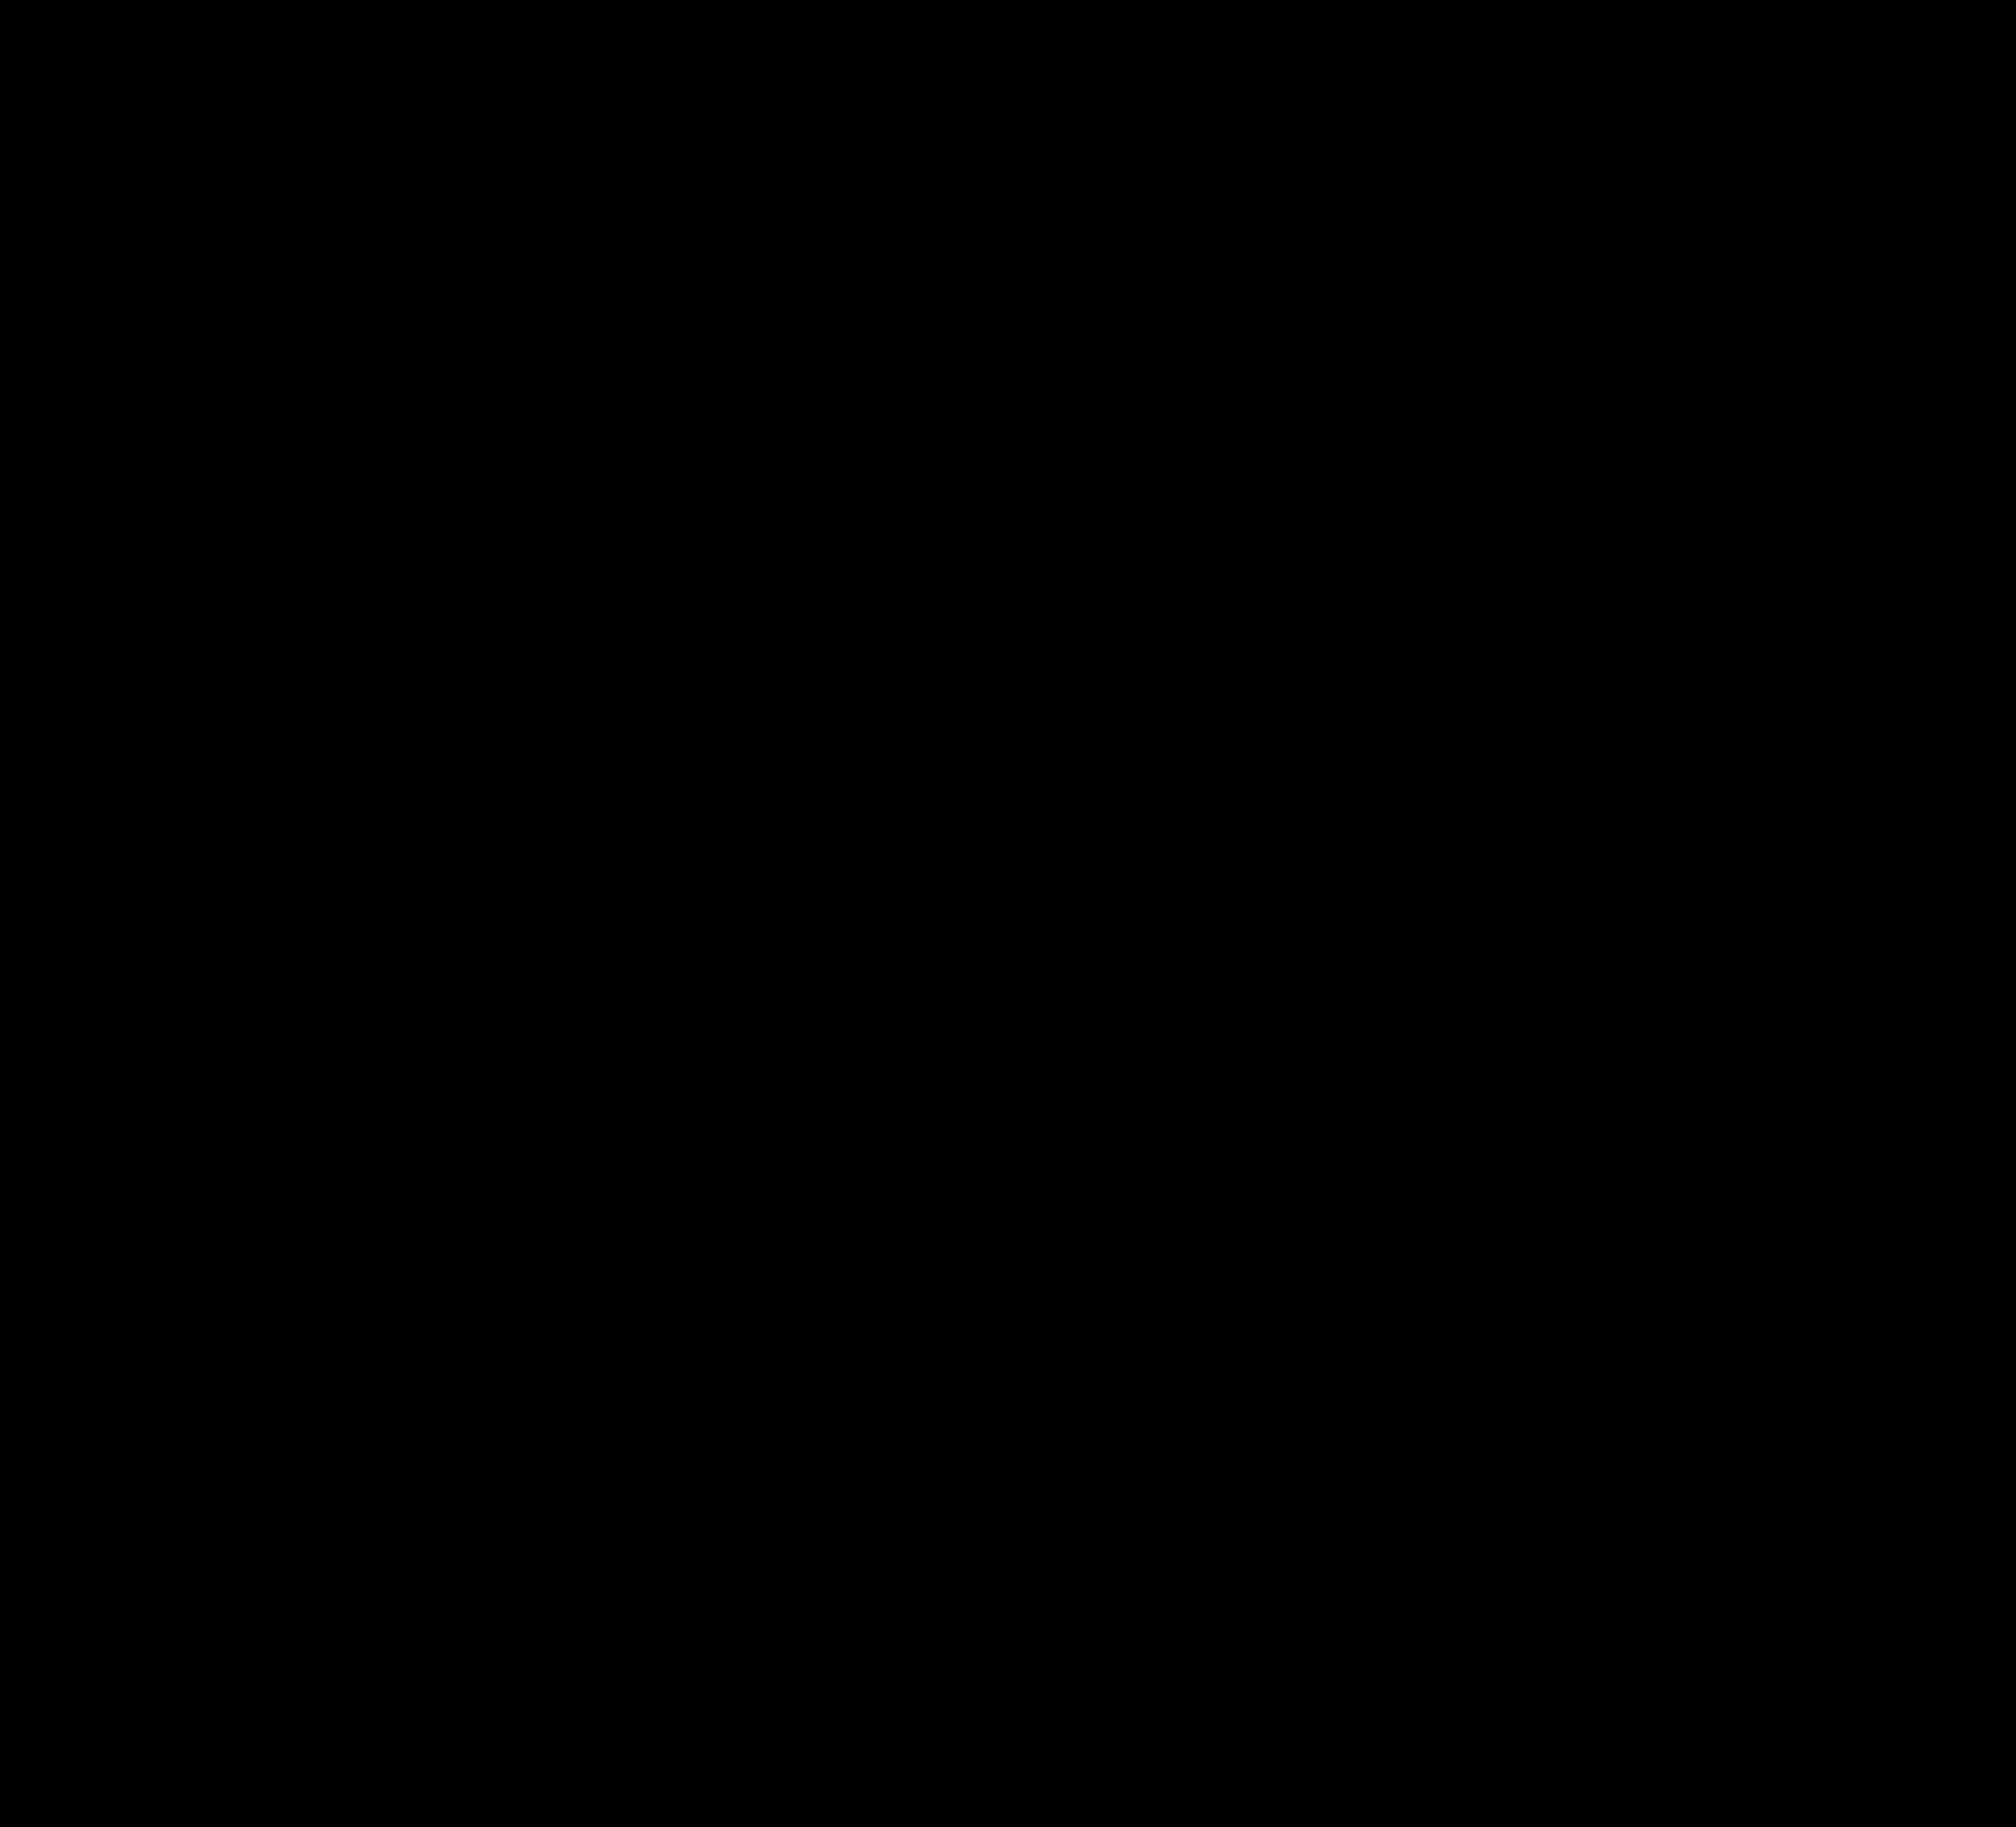 Het huidige logo van MTCOB met daarop de typische trialmotor